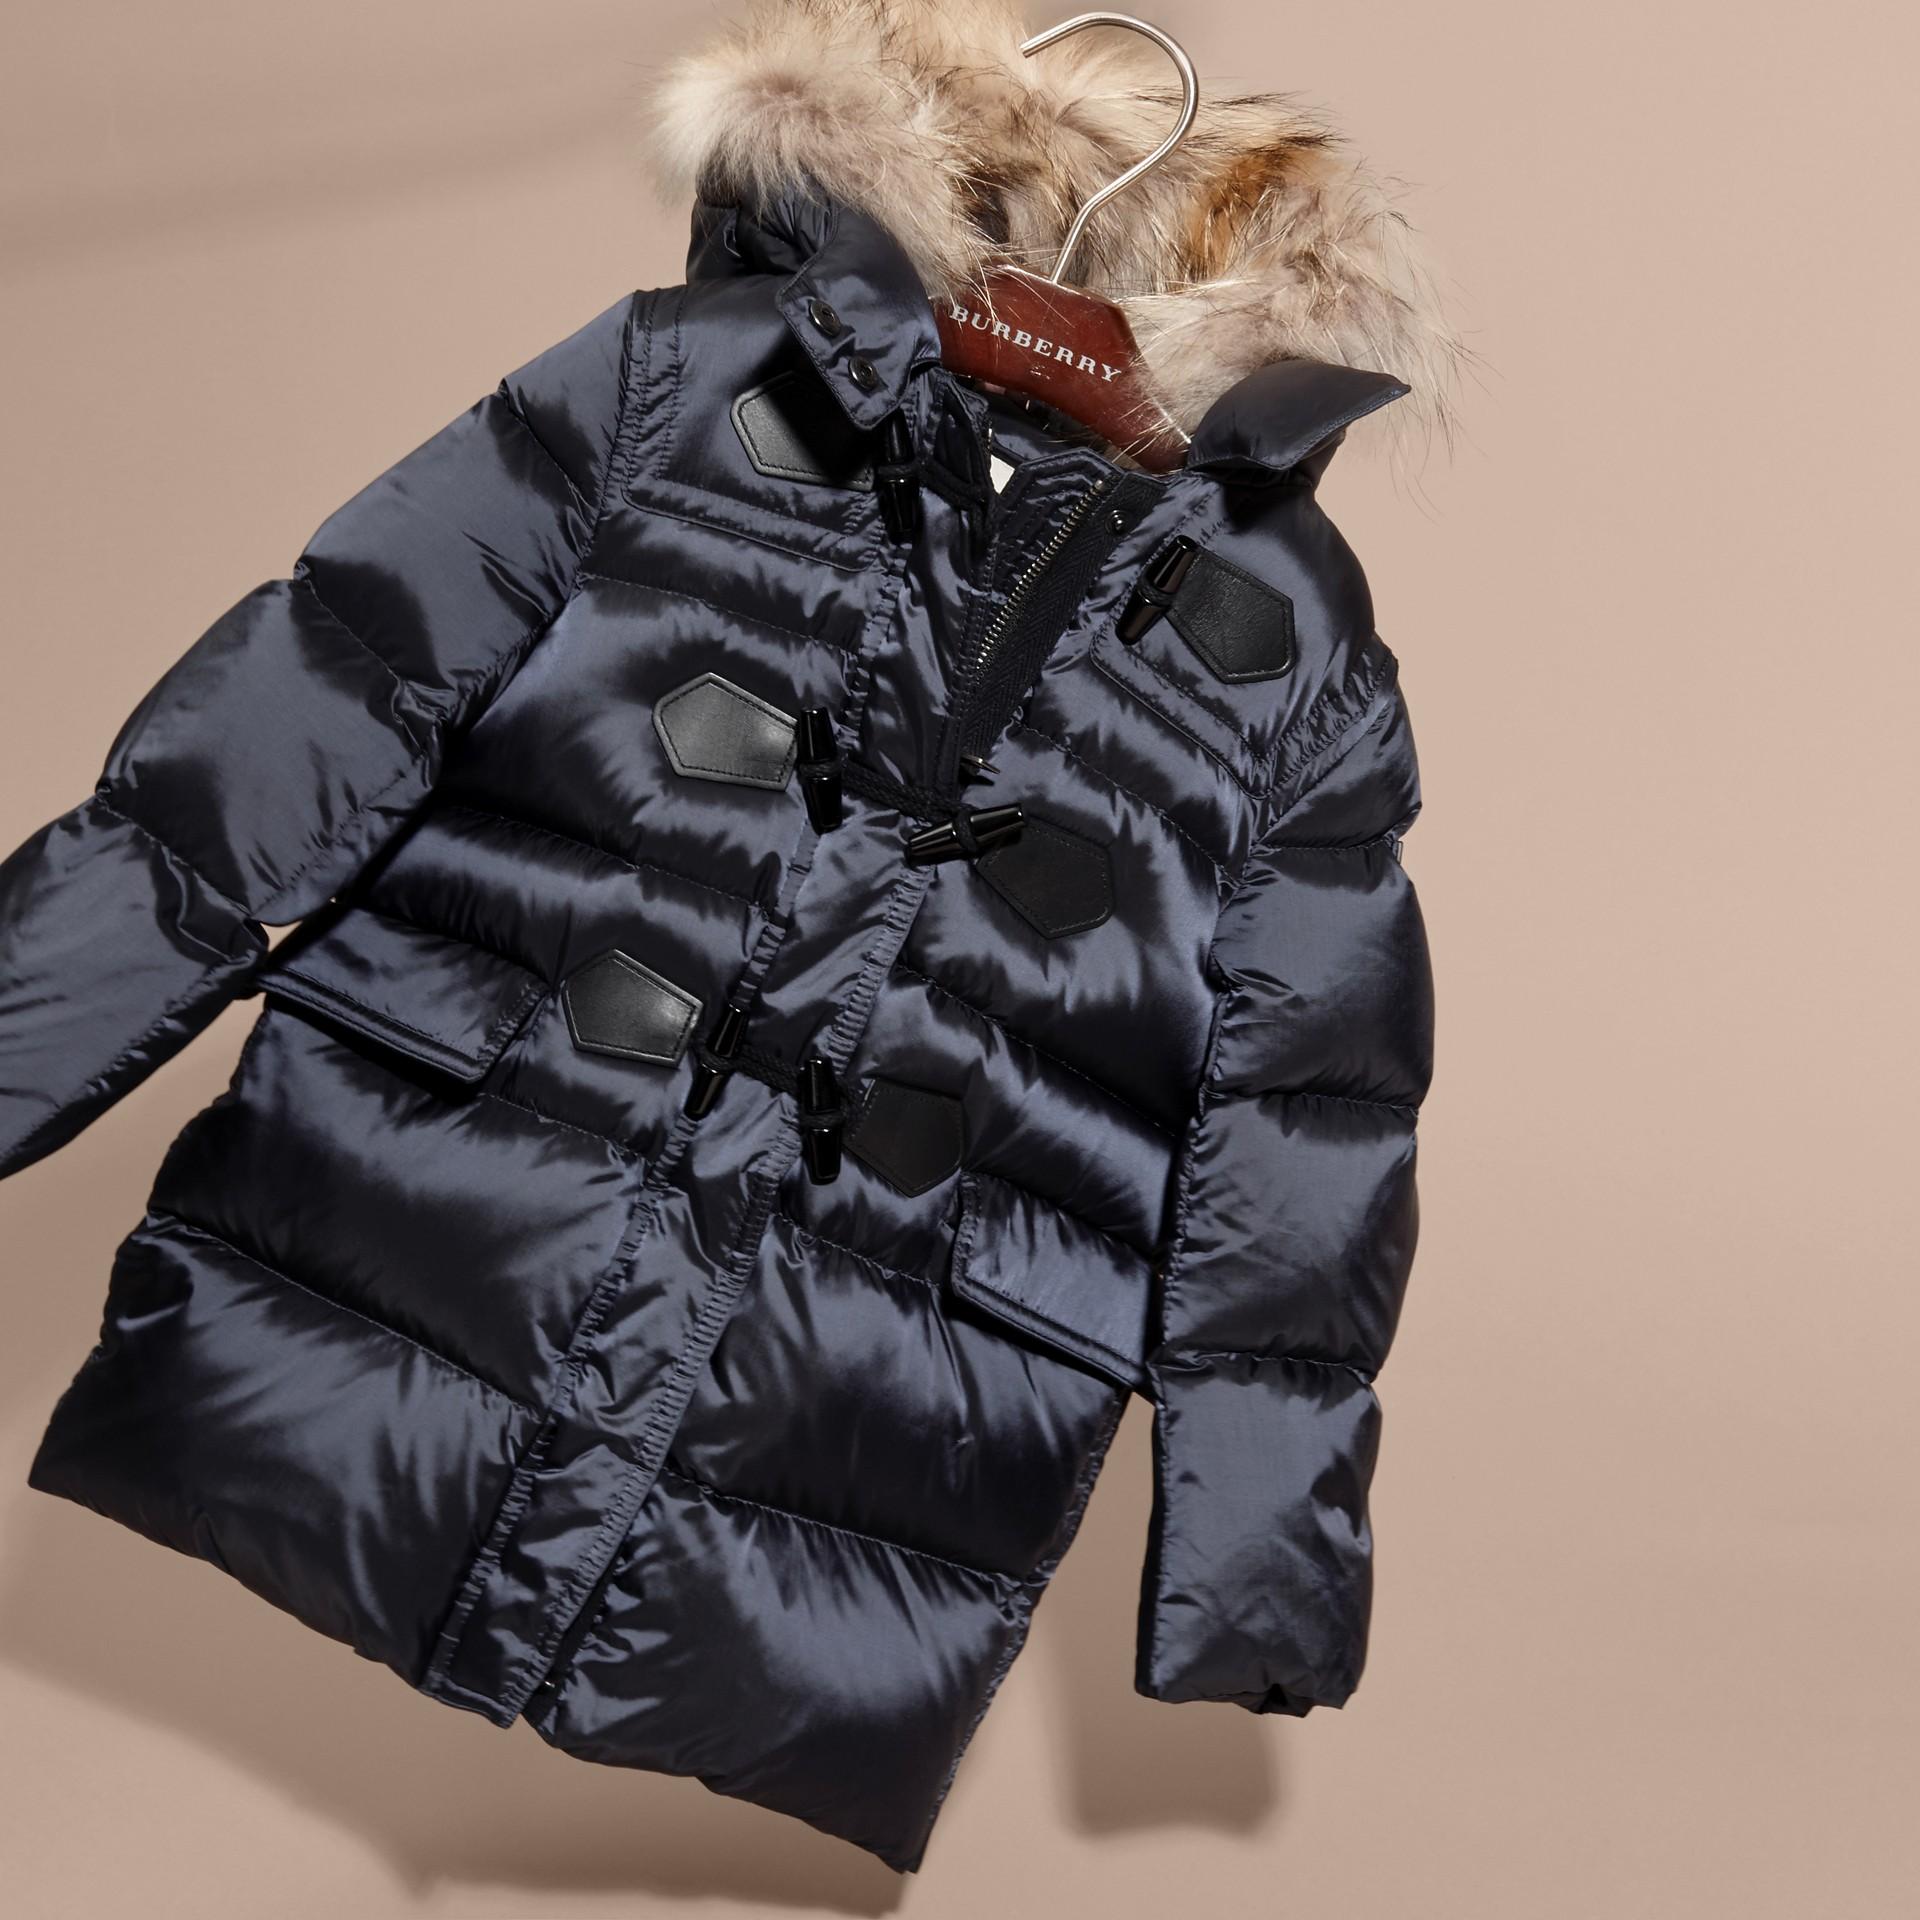 Manteau rembourré à capuche avec bordure en fourrure de raton laveur amovible - Fille | Burberry - photo de la galerie 3